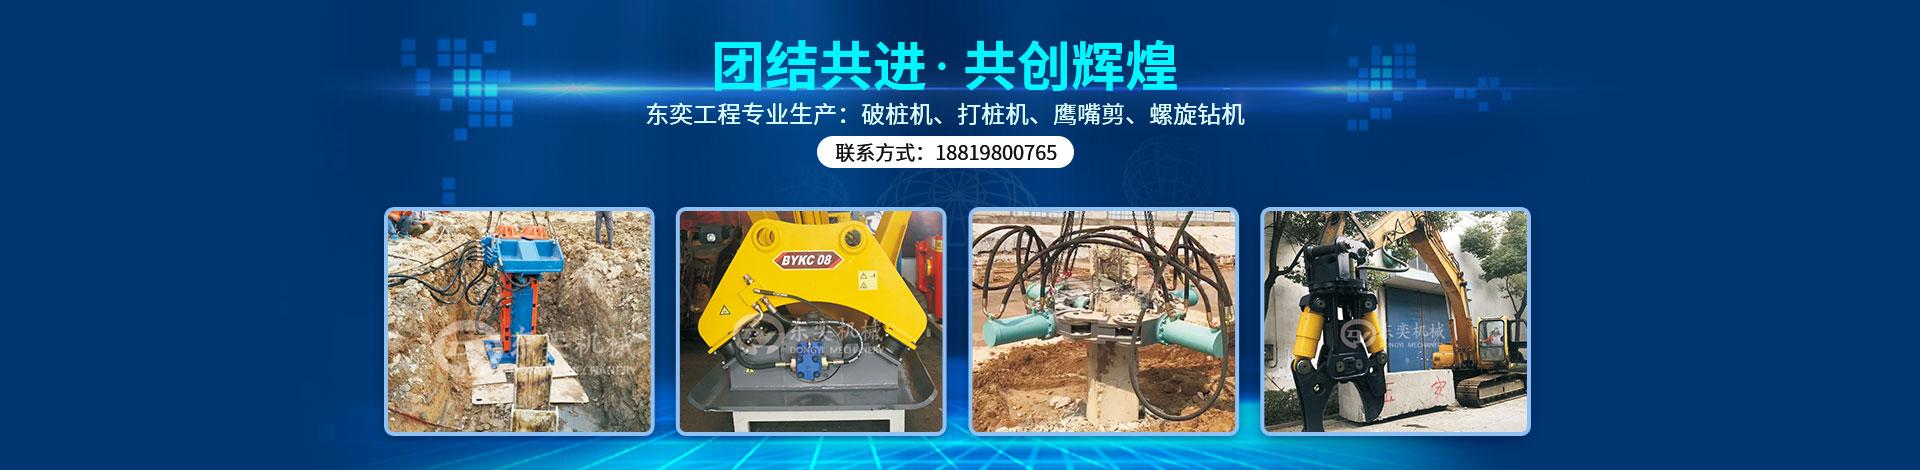 广州东奕工程机械设备有限公司